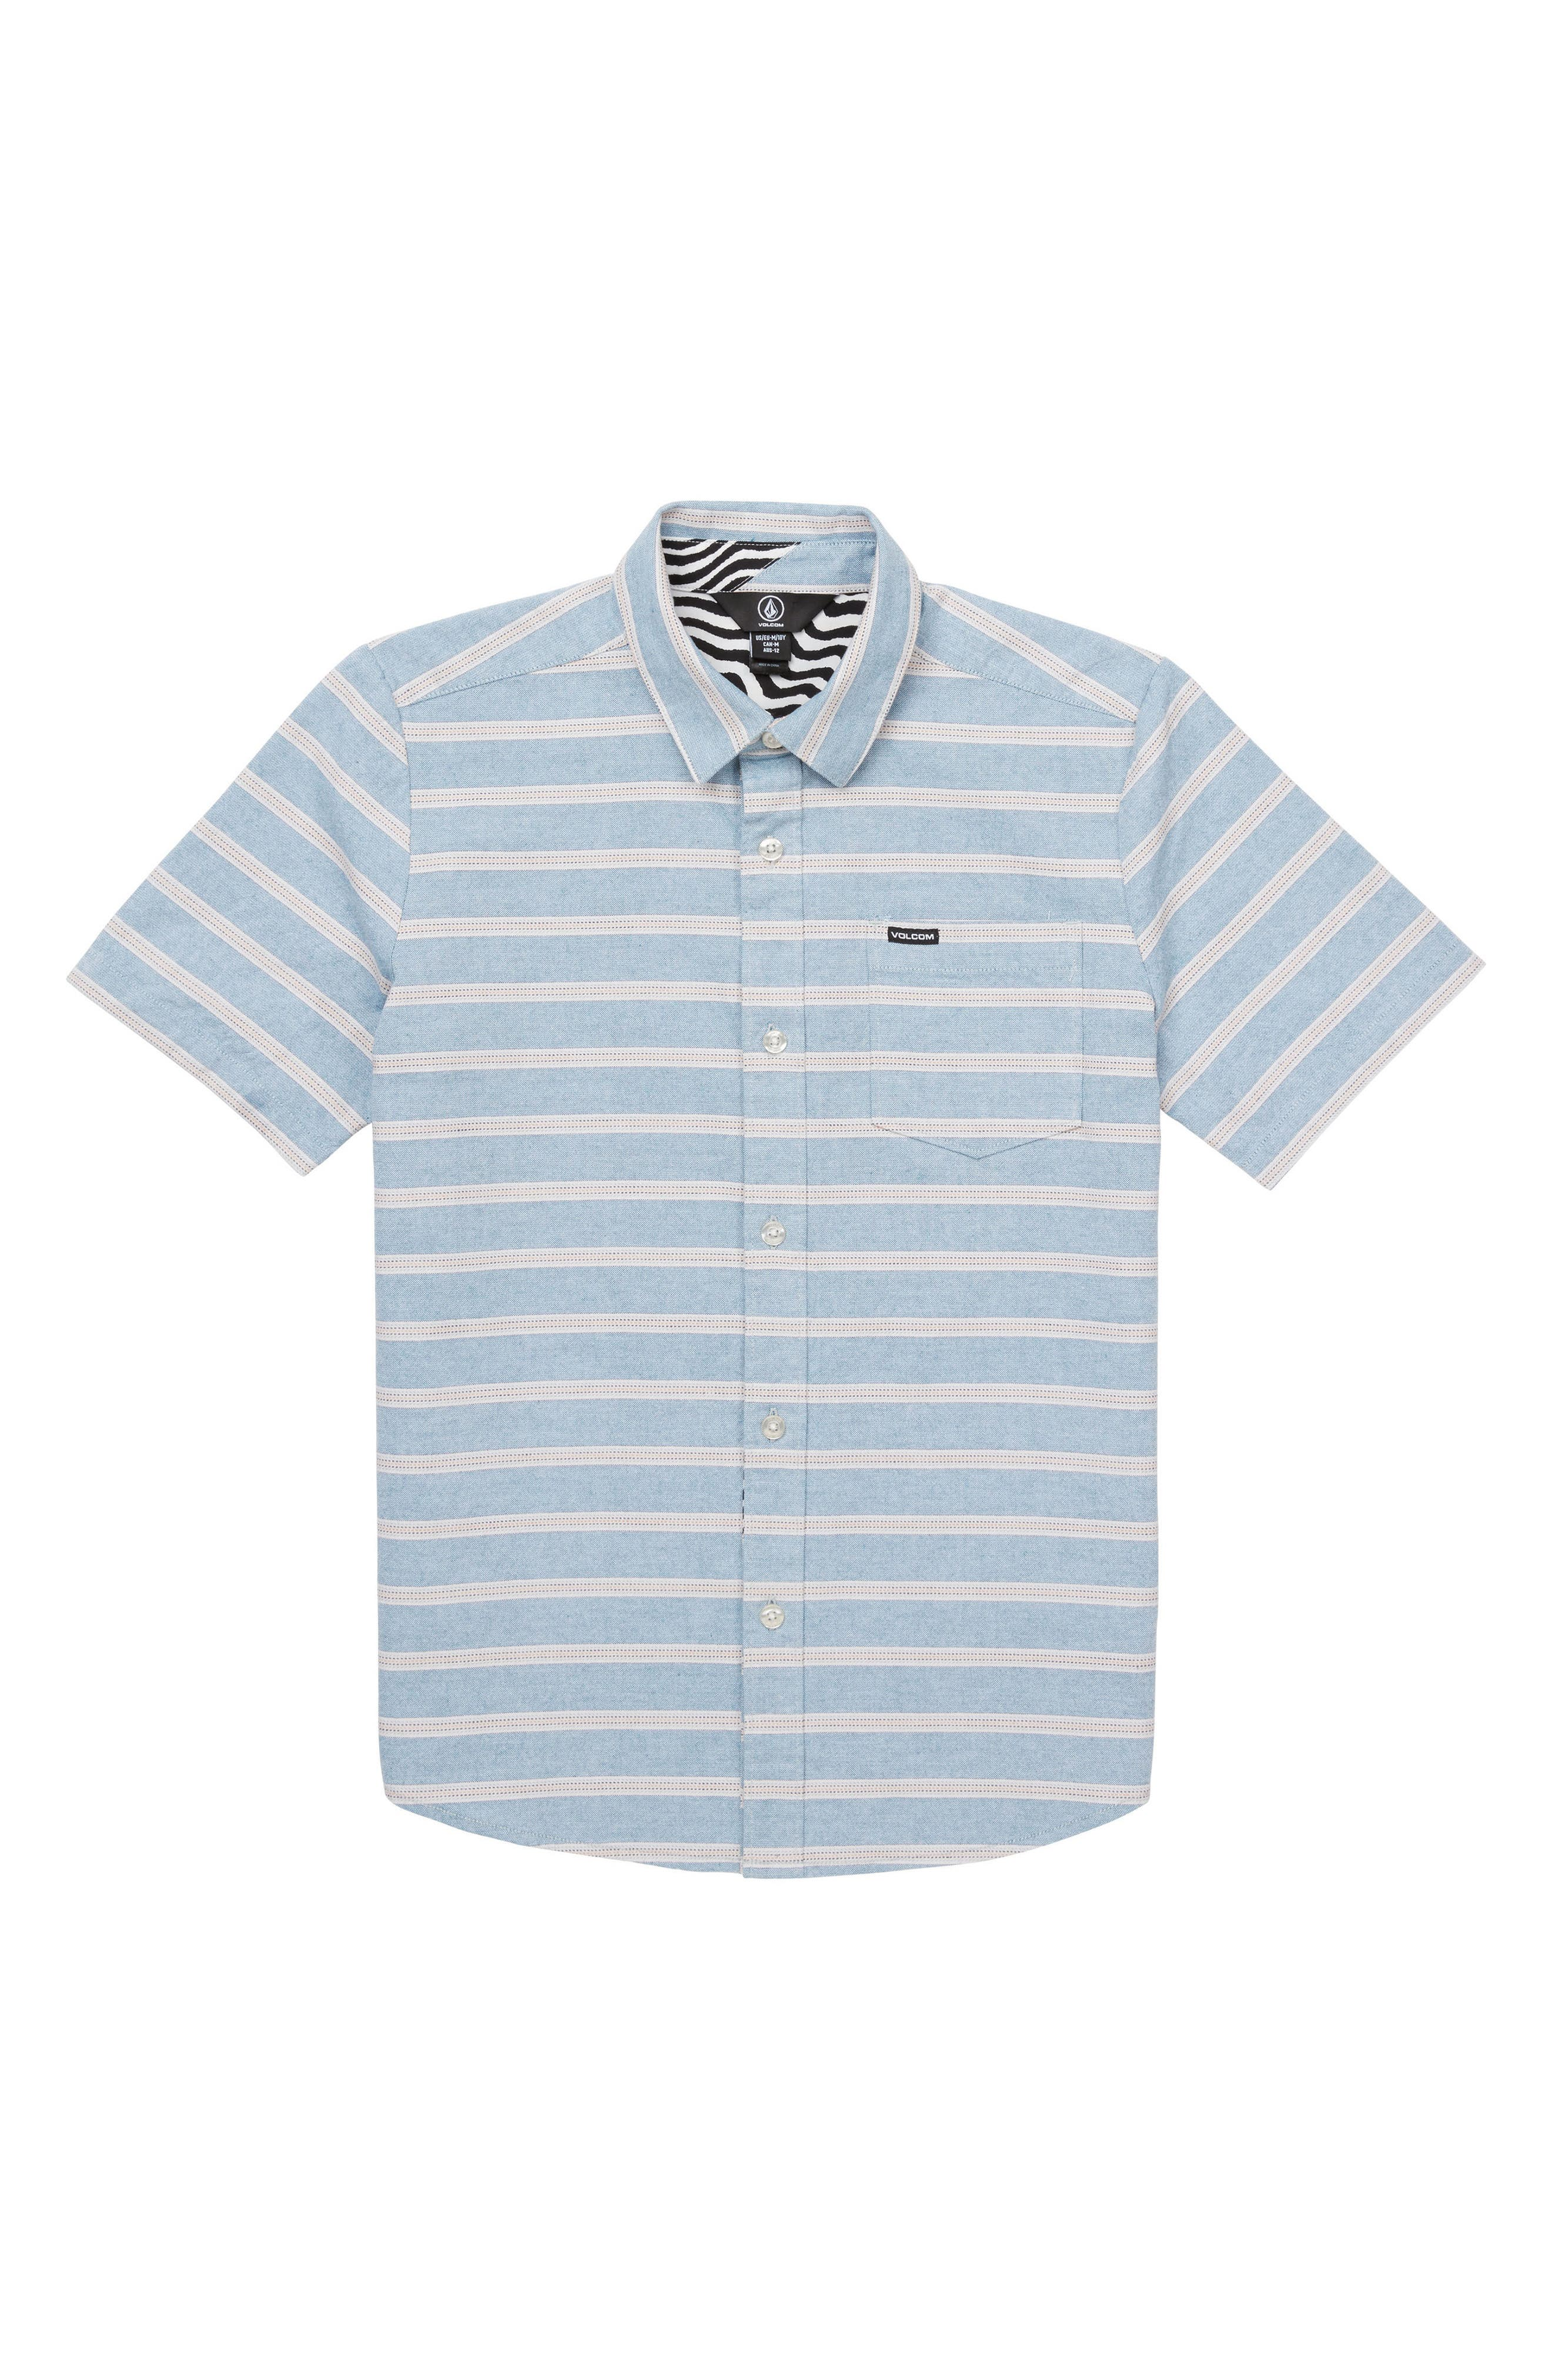 Branson Woven Shirt,                         Main,                         color, Vintage Blue